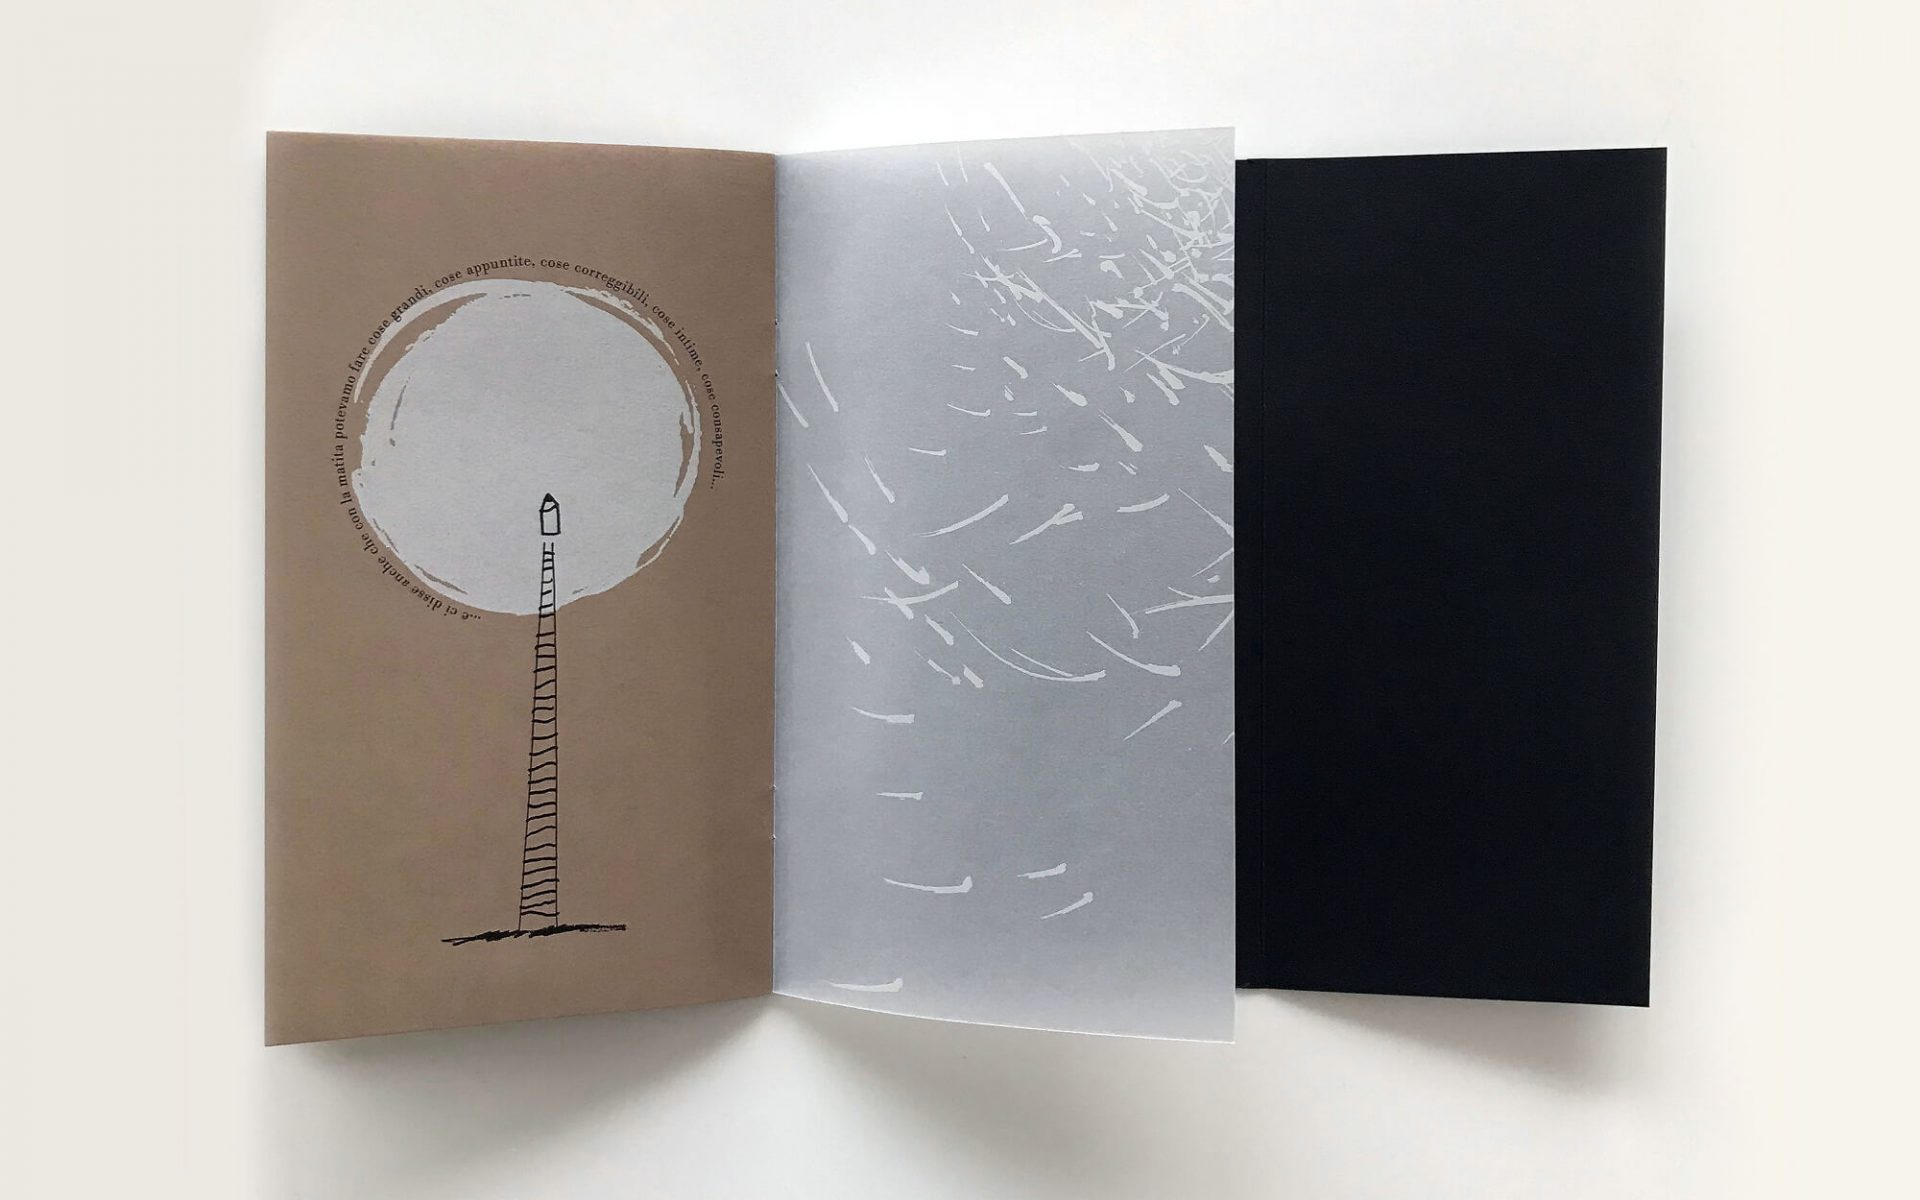 particolare della brochure illustrata La Matita di Garrone, progettata dalla agenzia di pubblicità Diadestudio di Arco TN. Illustrazioni di Laura Marcolini